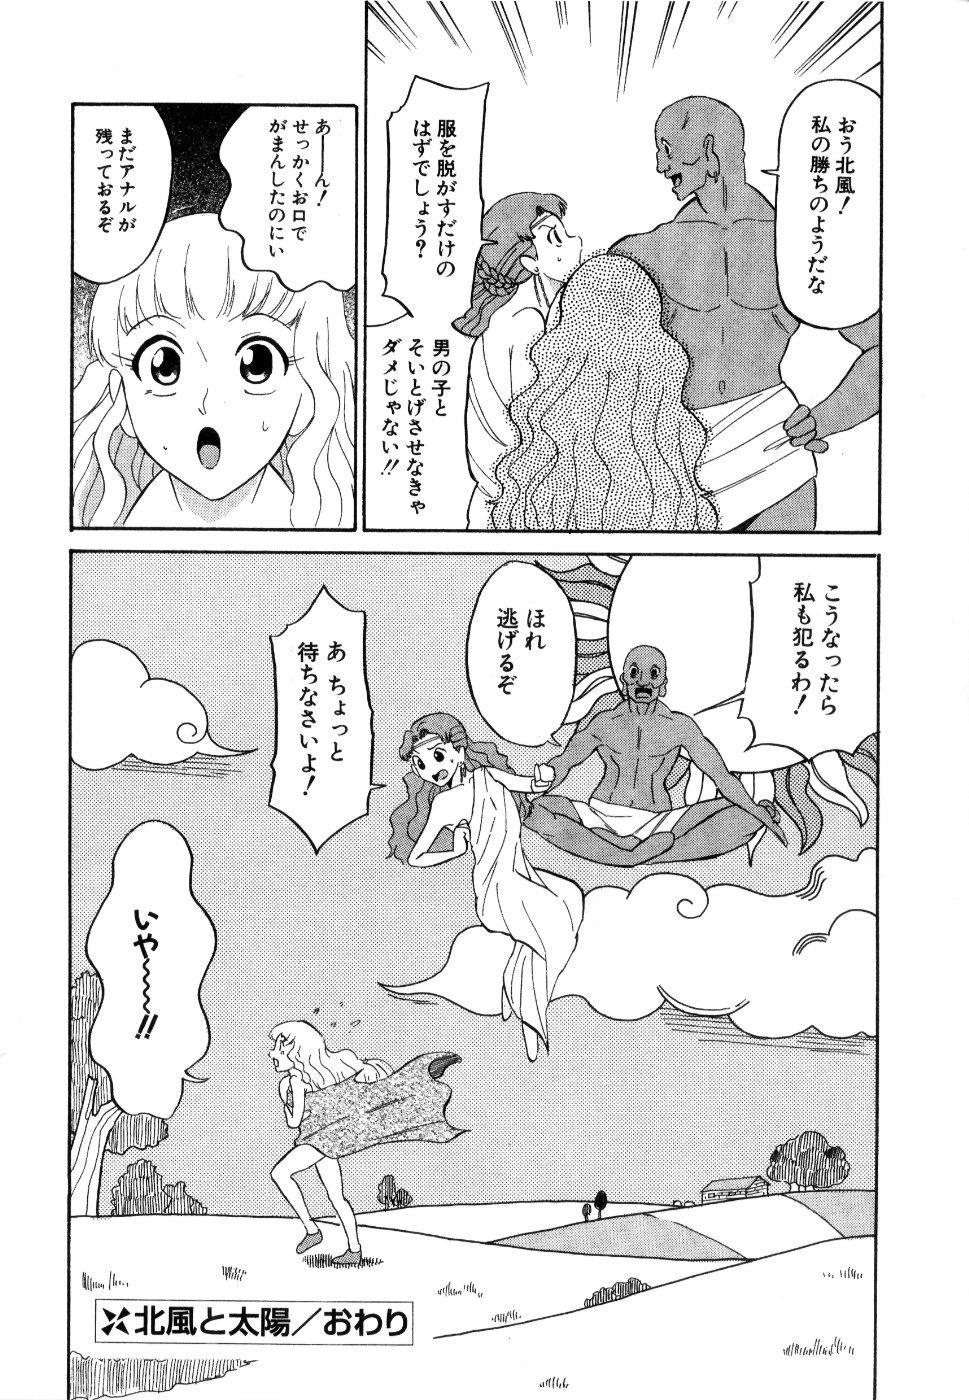 [Dozamura] Doguu -Dozamura Guuwa- Kuro 80